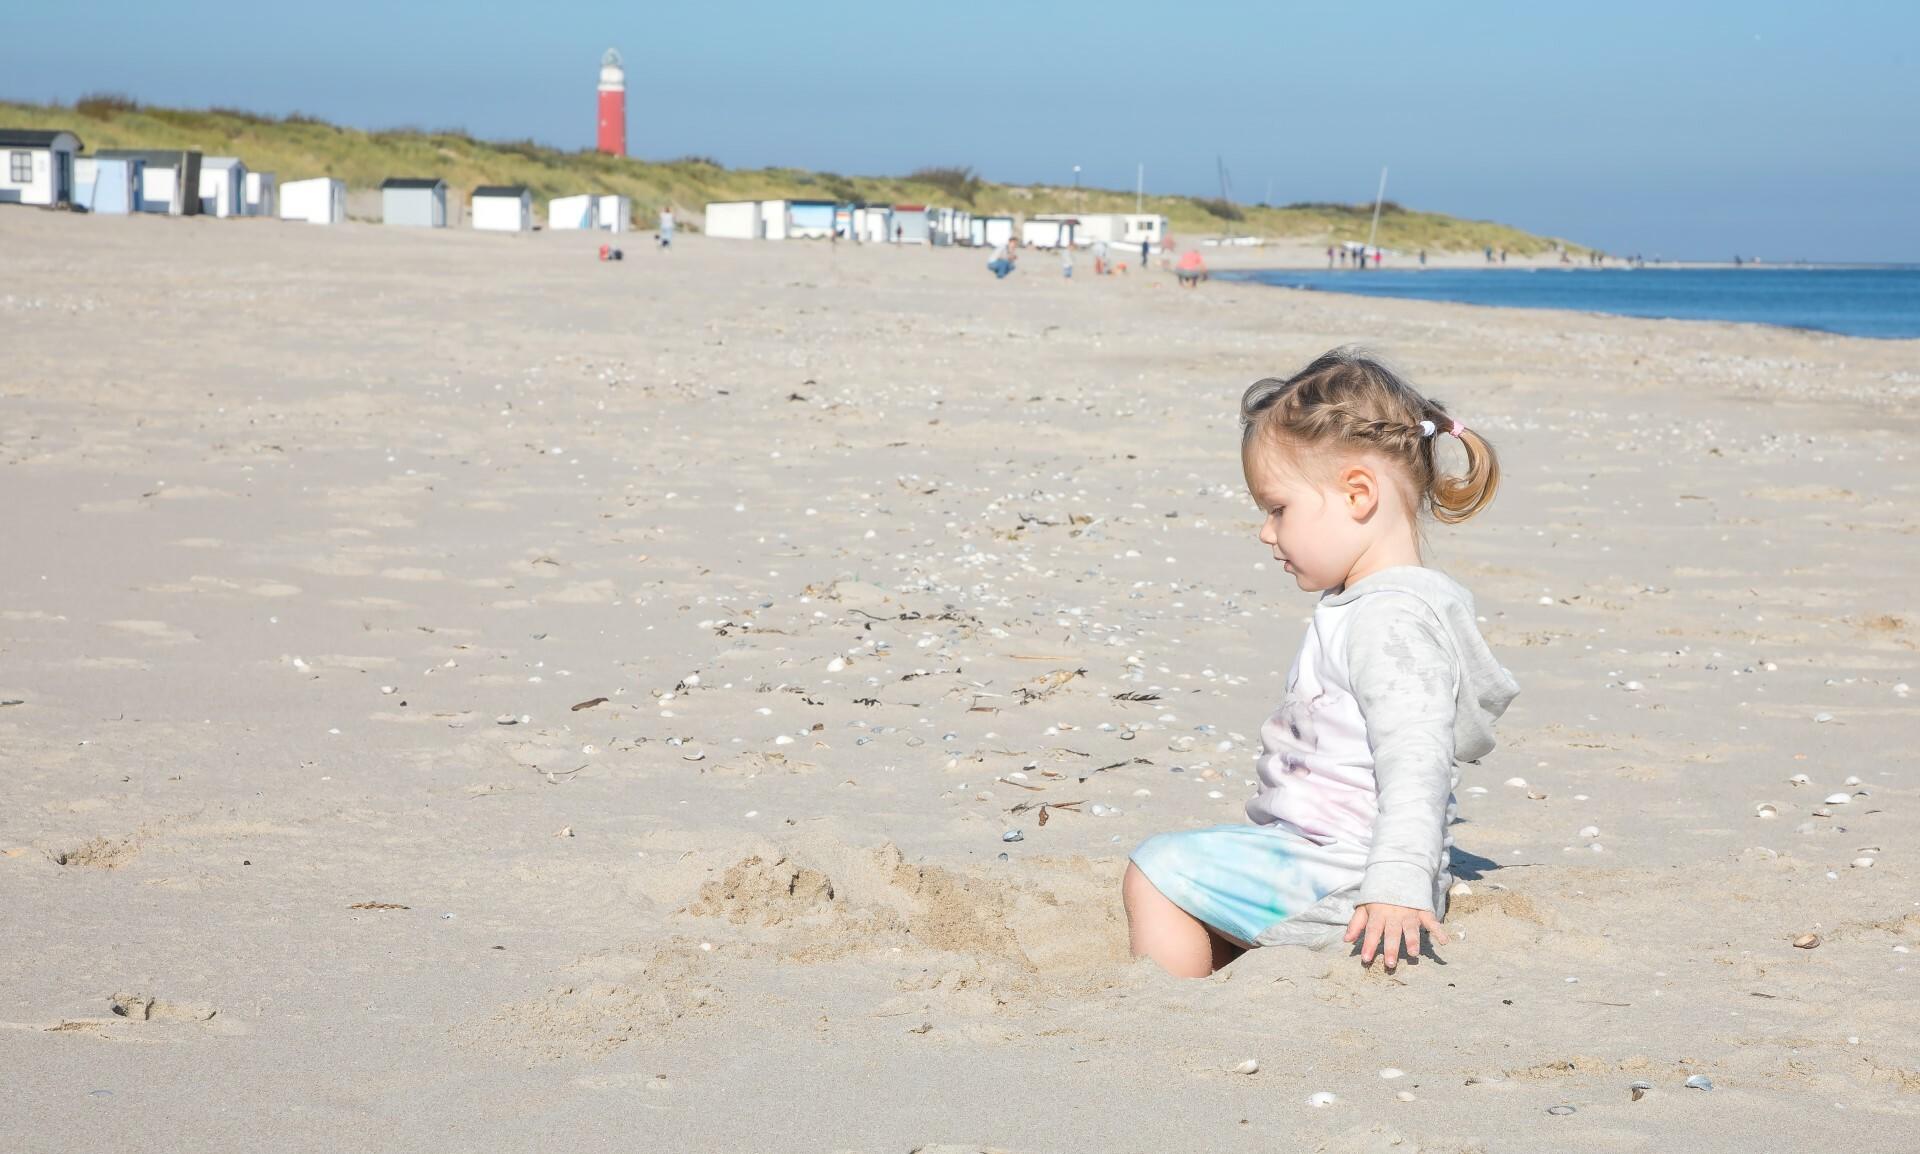 Kindje speelt op het strand bij de vuurtoren VVV Texel fotograaf Justin Sinner